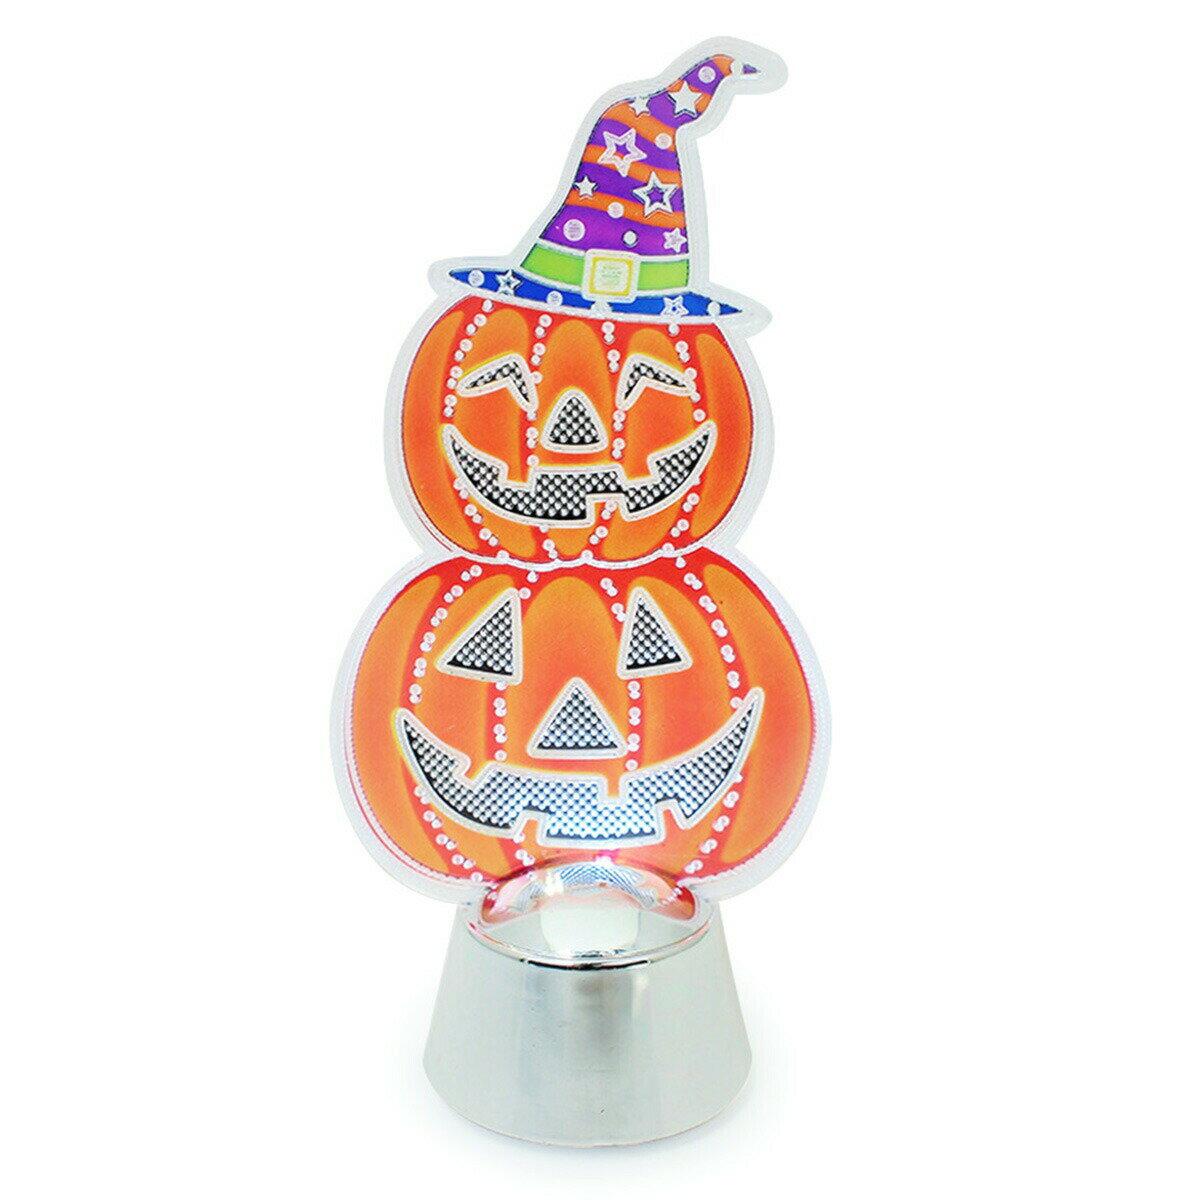 GTS フラッシングライト HTN105 パンプキン ハロウィン かぼちゃ おばけ 卓上ライト オレンジ 室内用 インテリア 雑貨 置物 パーティ オーナメント 装飾品 飾り 小物 10月31日